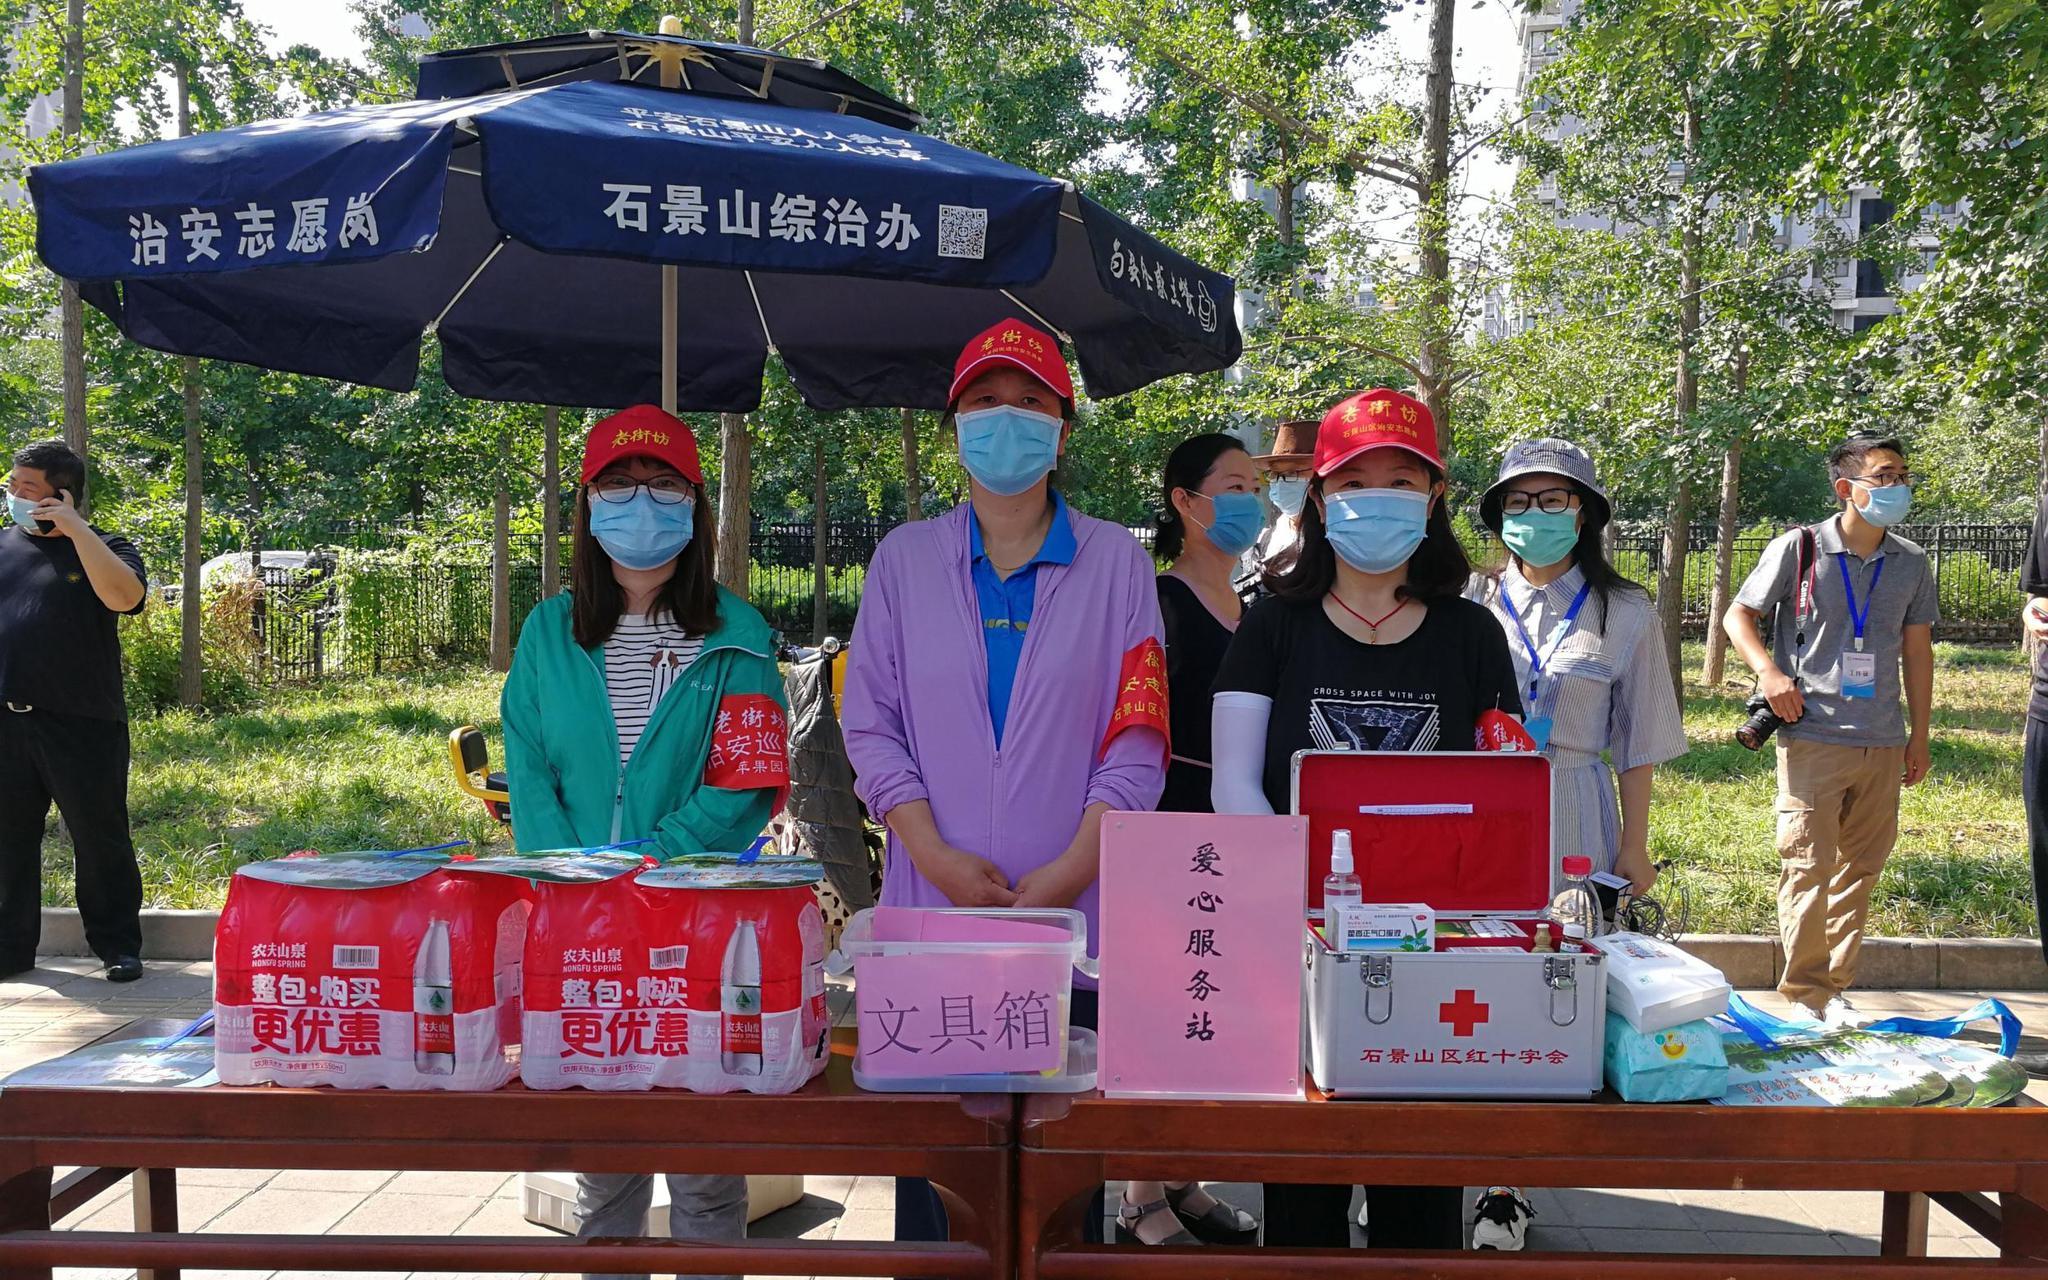 备扇子口罩、一车一人送考 疫情下他们这样服务北京高考